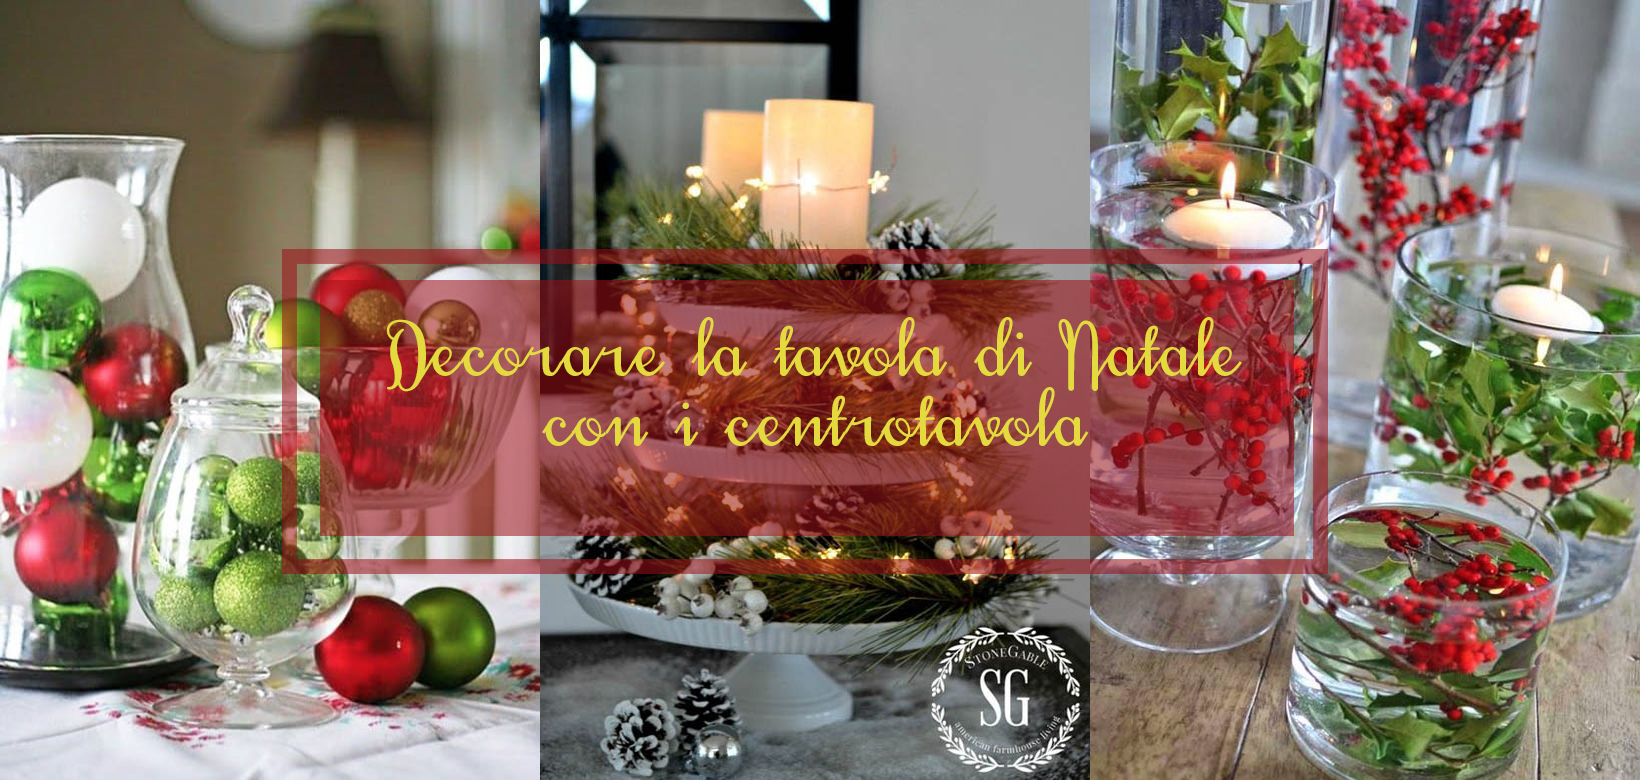 Decorare la tavola di Natale